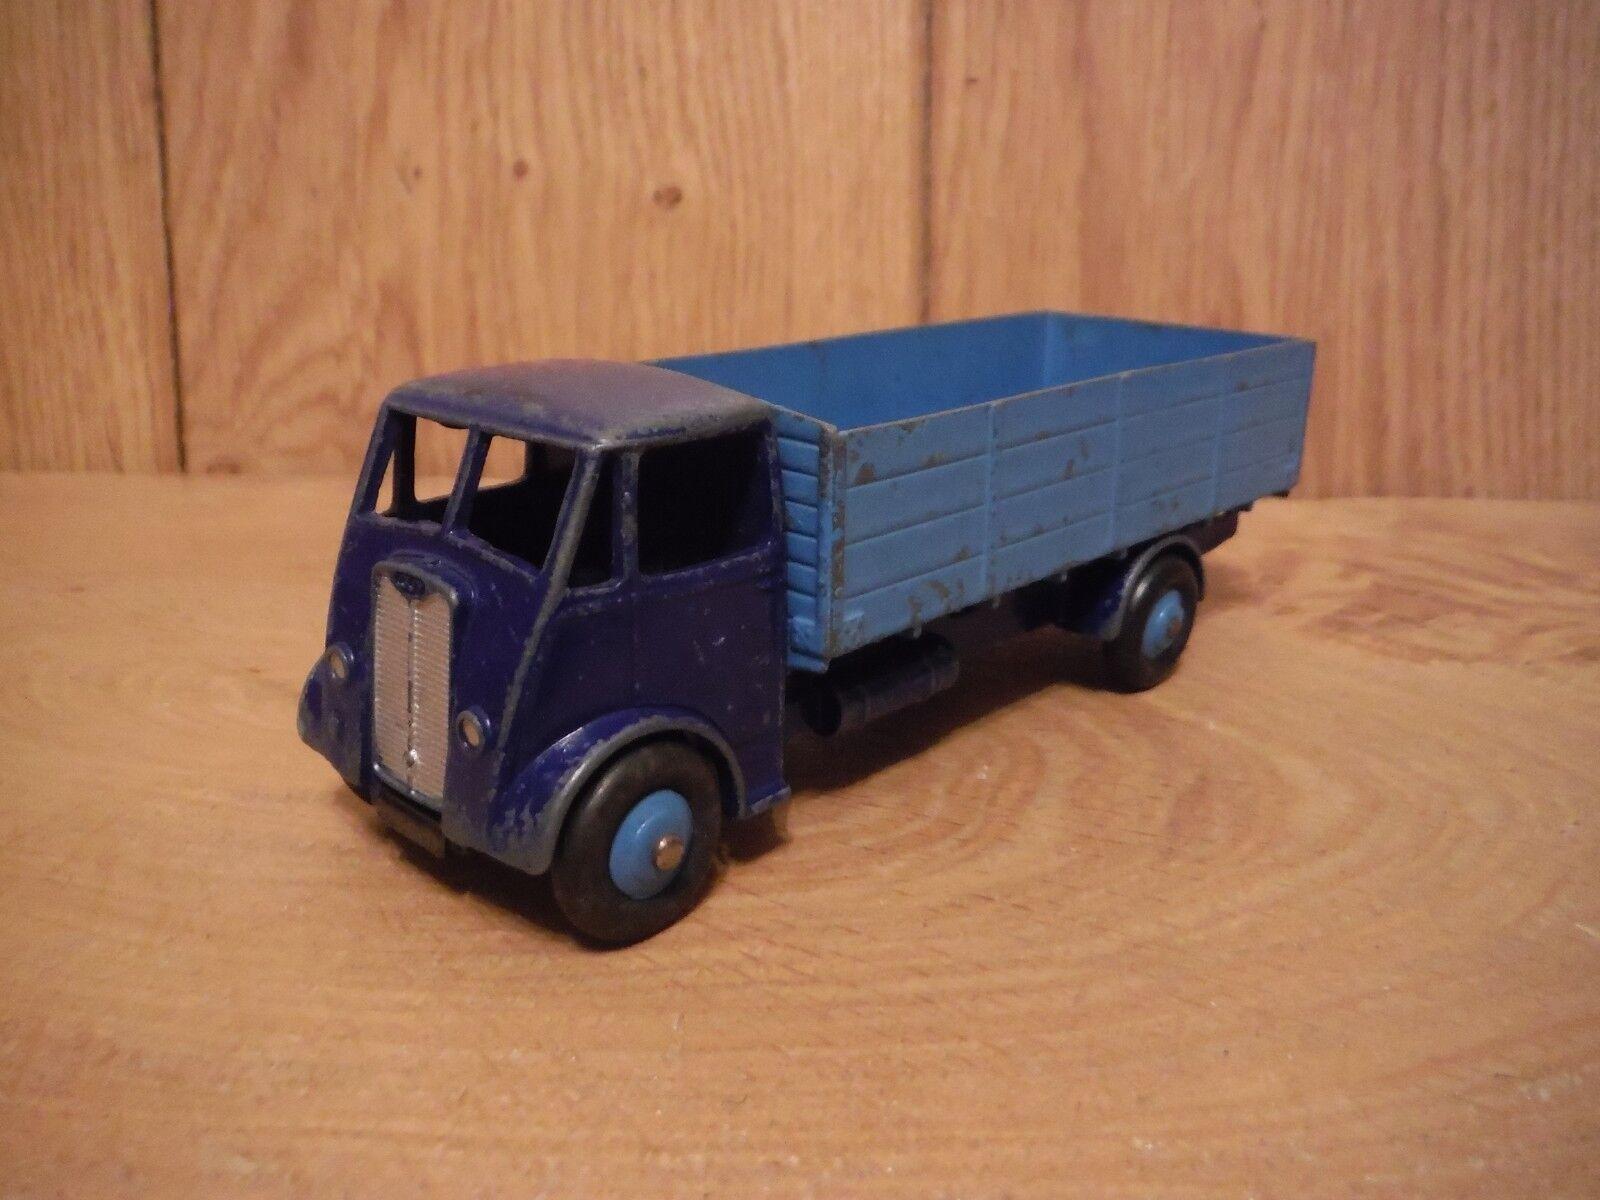 barato en línea Dinky 511 tipo 4 4 4 Tonelada Camión (0026)  promociones de descuento